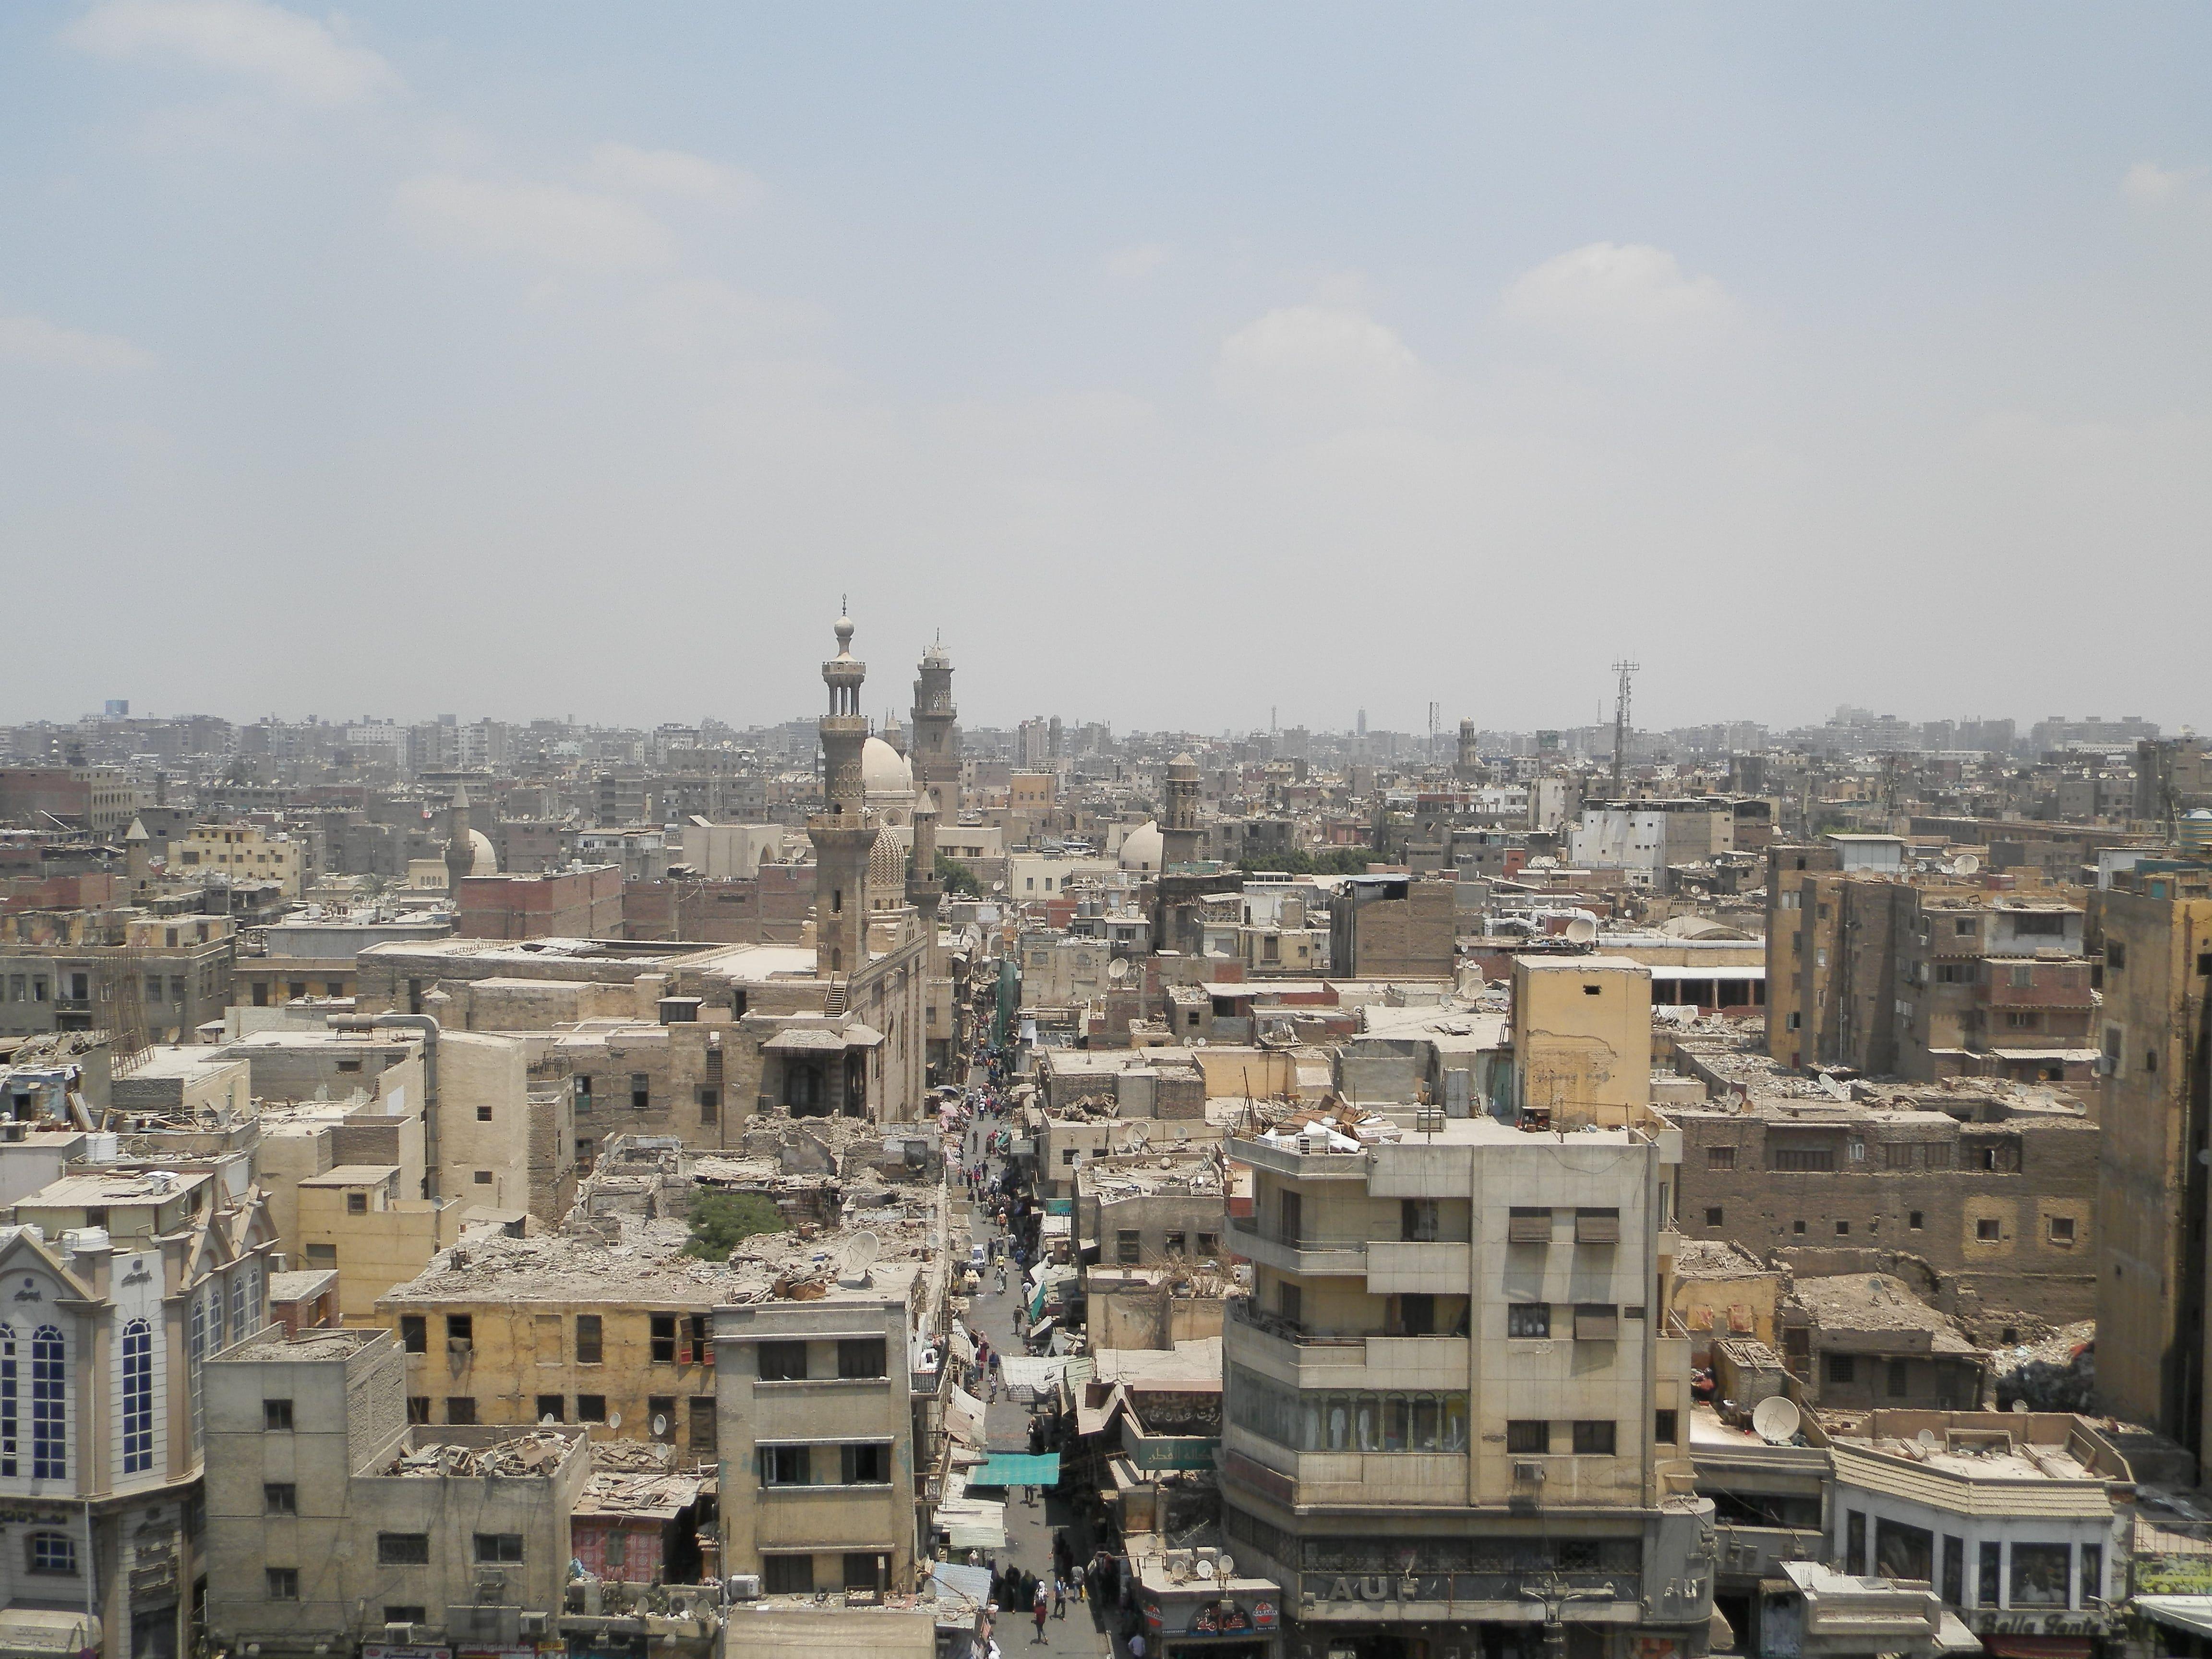 Panorama cairota dal minareto della moschea Qansuh al-Ghuri. Foto di Alessandro Balduzzi.